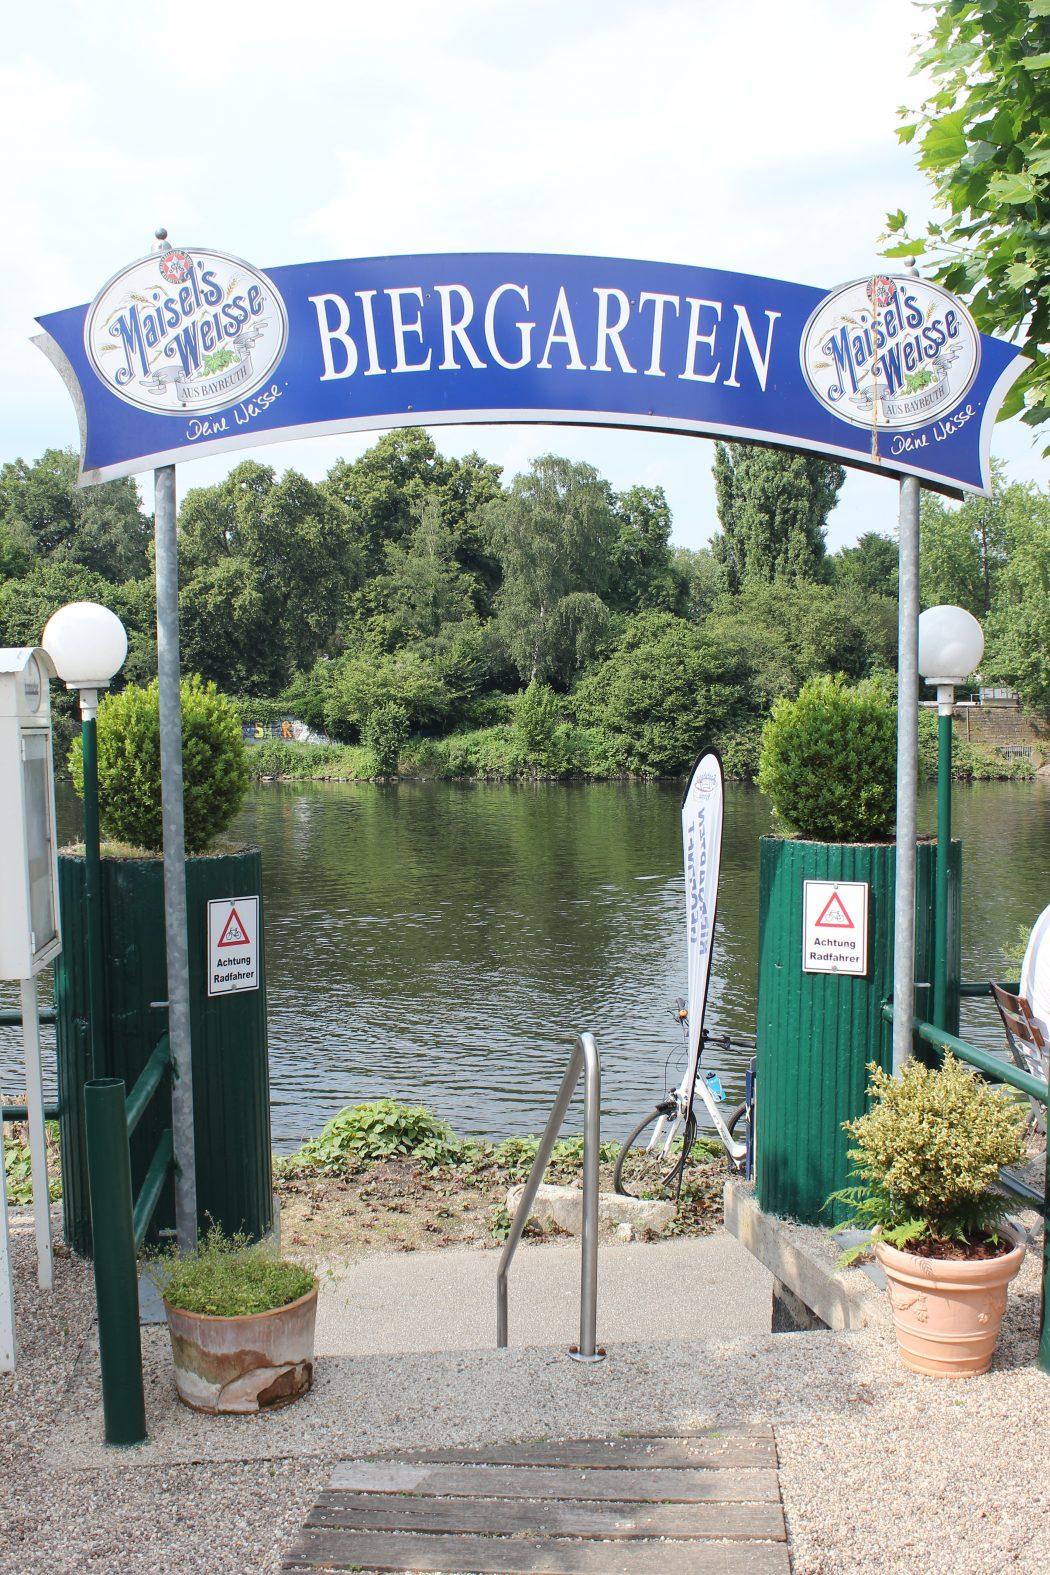 Das Foto zeigt den Eingang zum Biergarten des Bootshaus Ruhreck in Essen-Steele